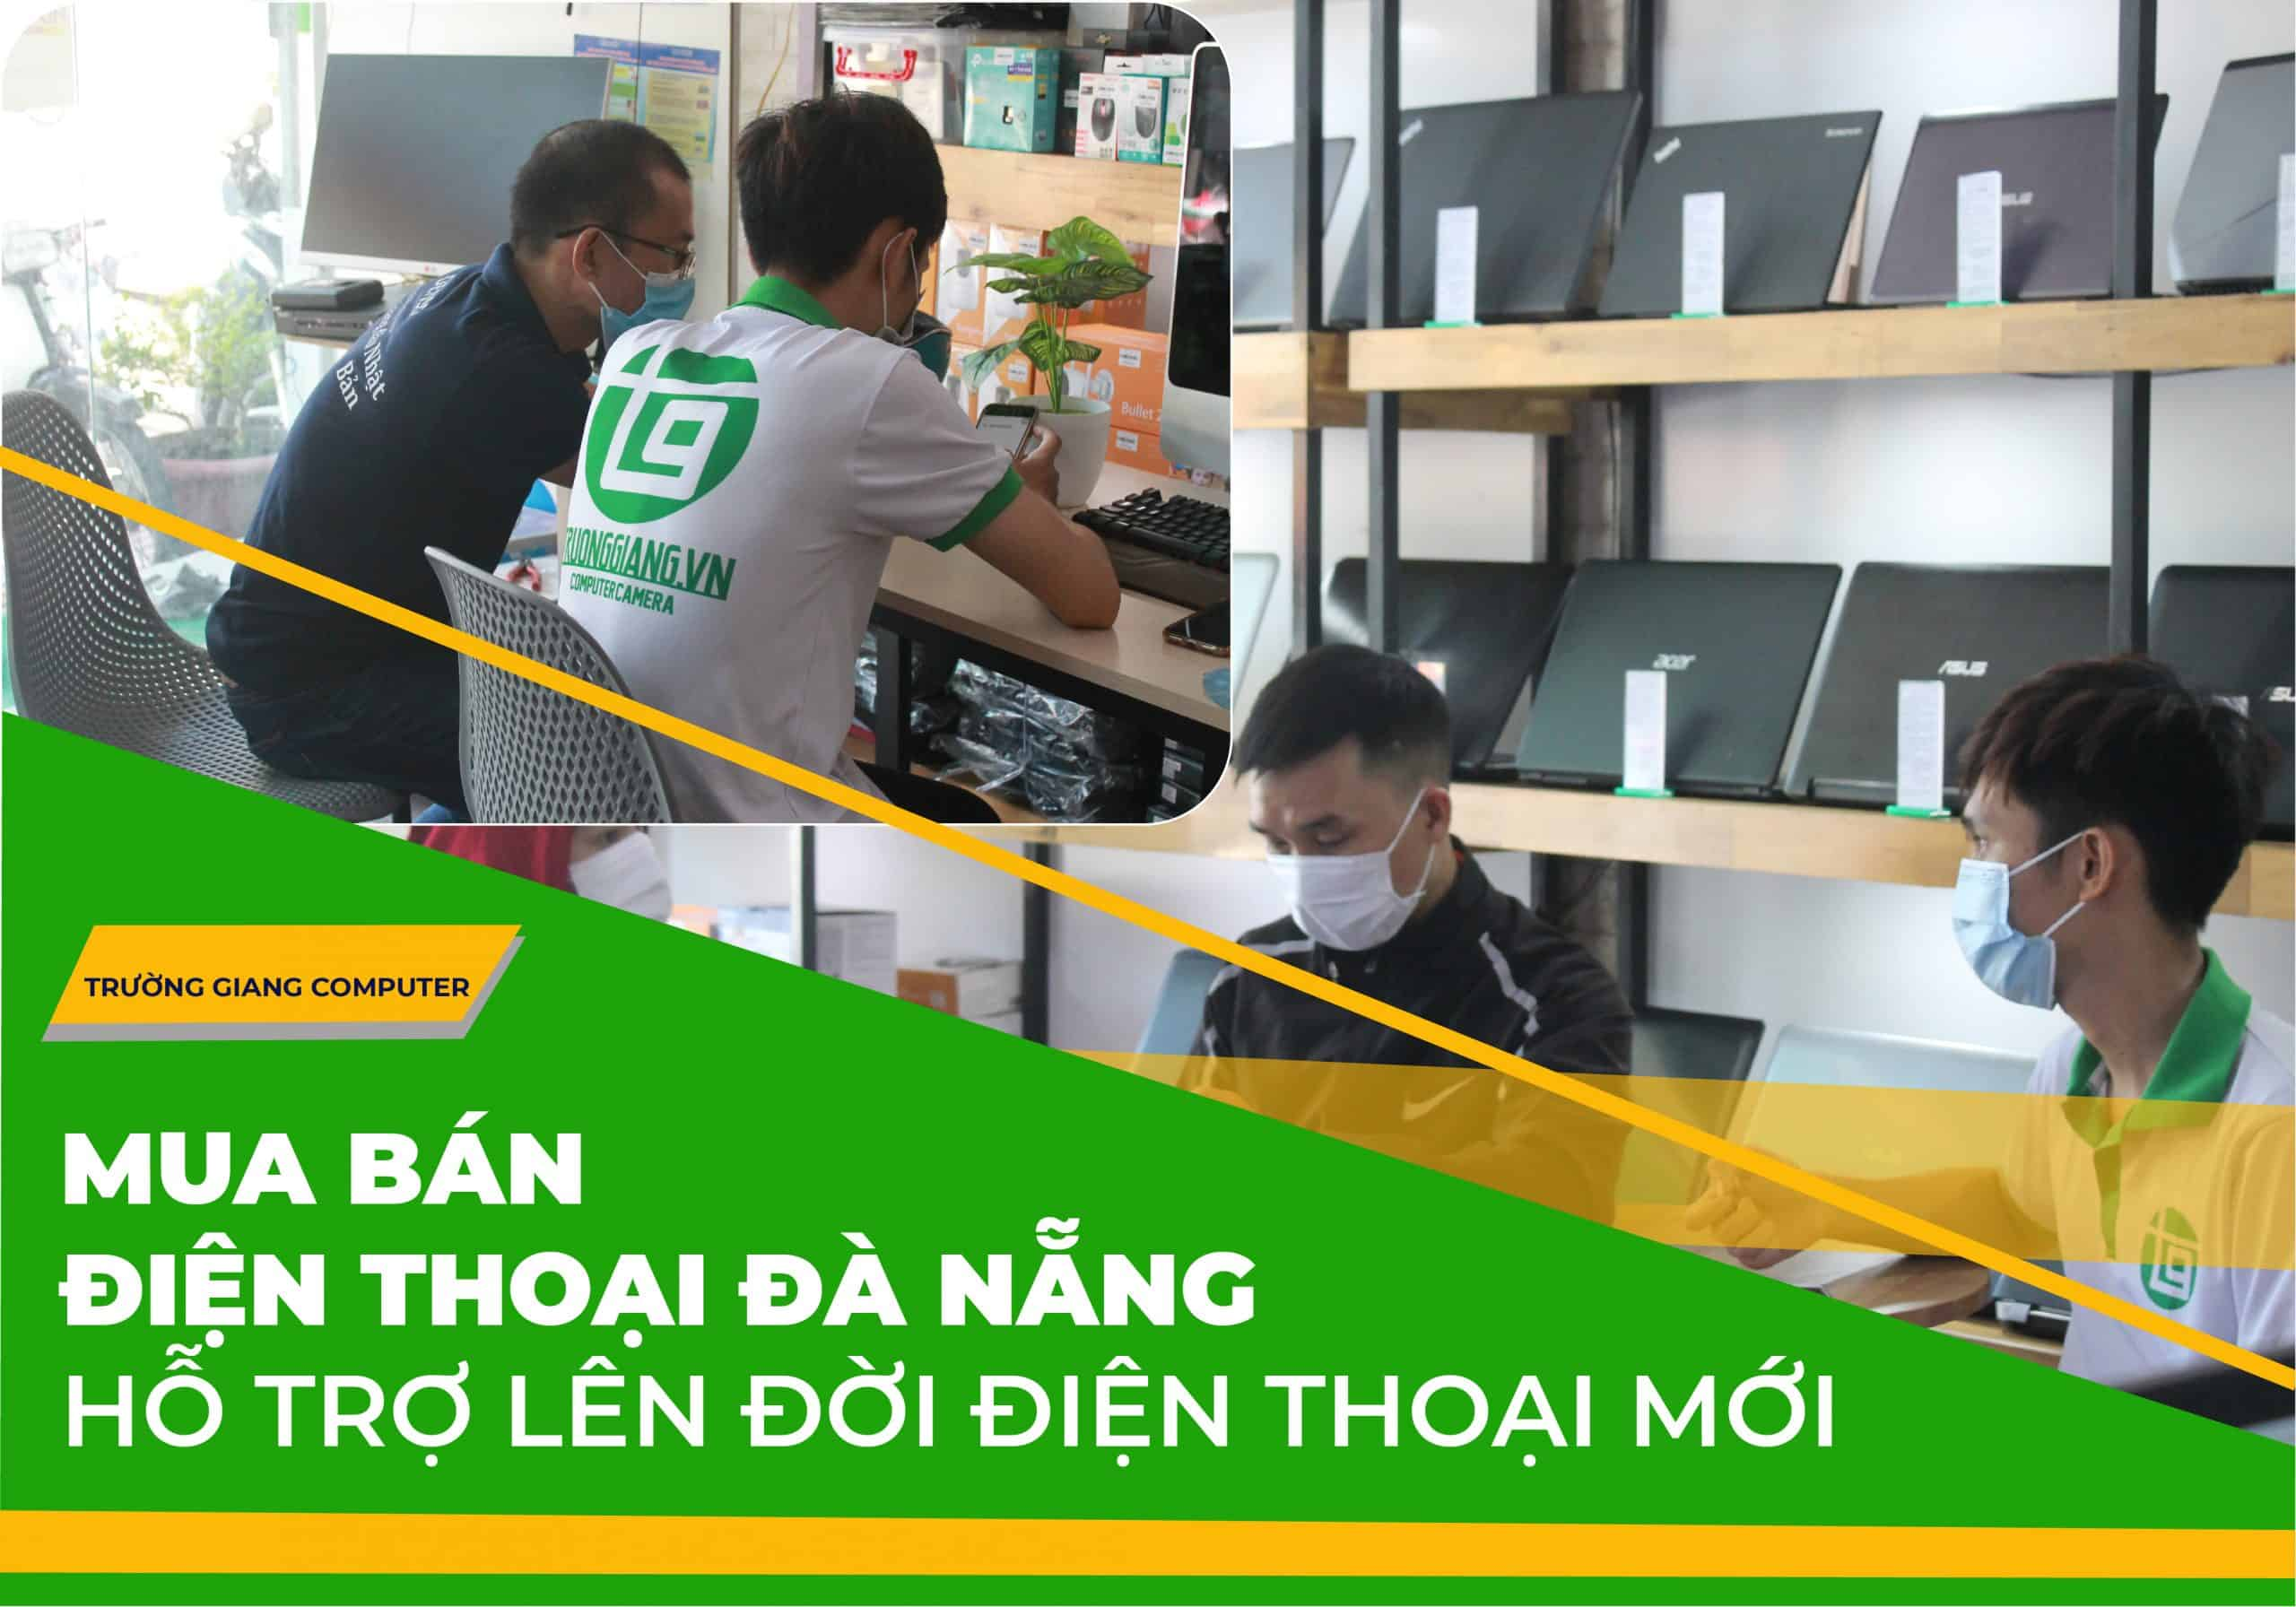 Mua bán điện thoại Đà Nẵng